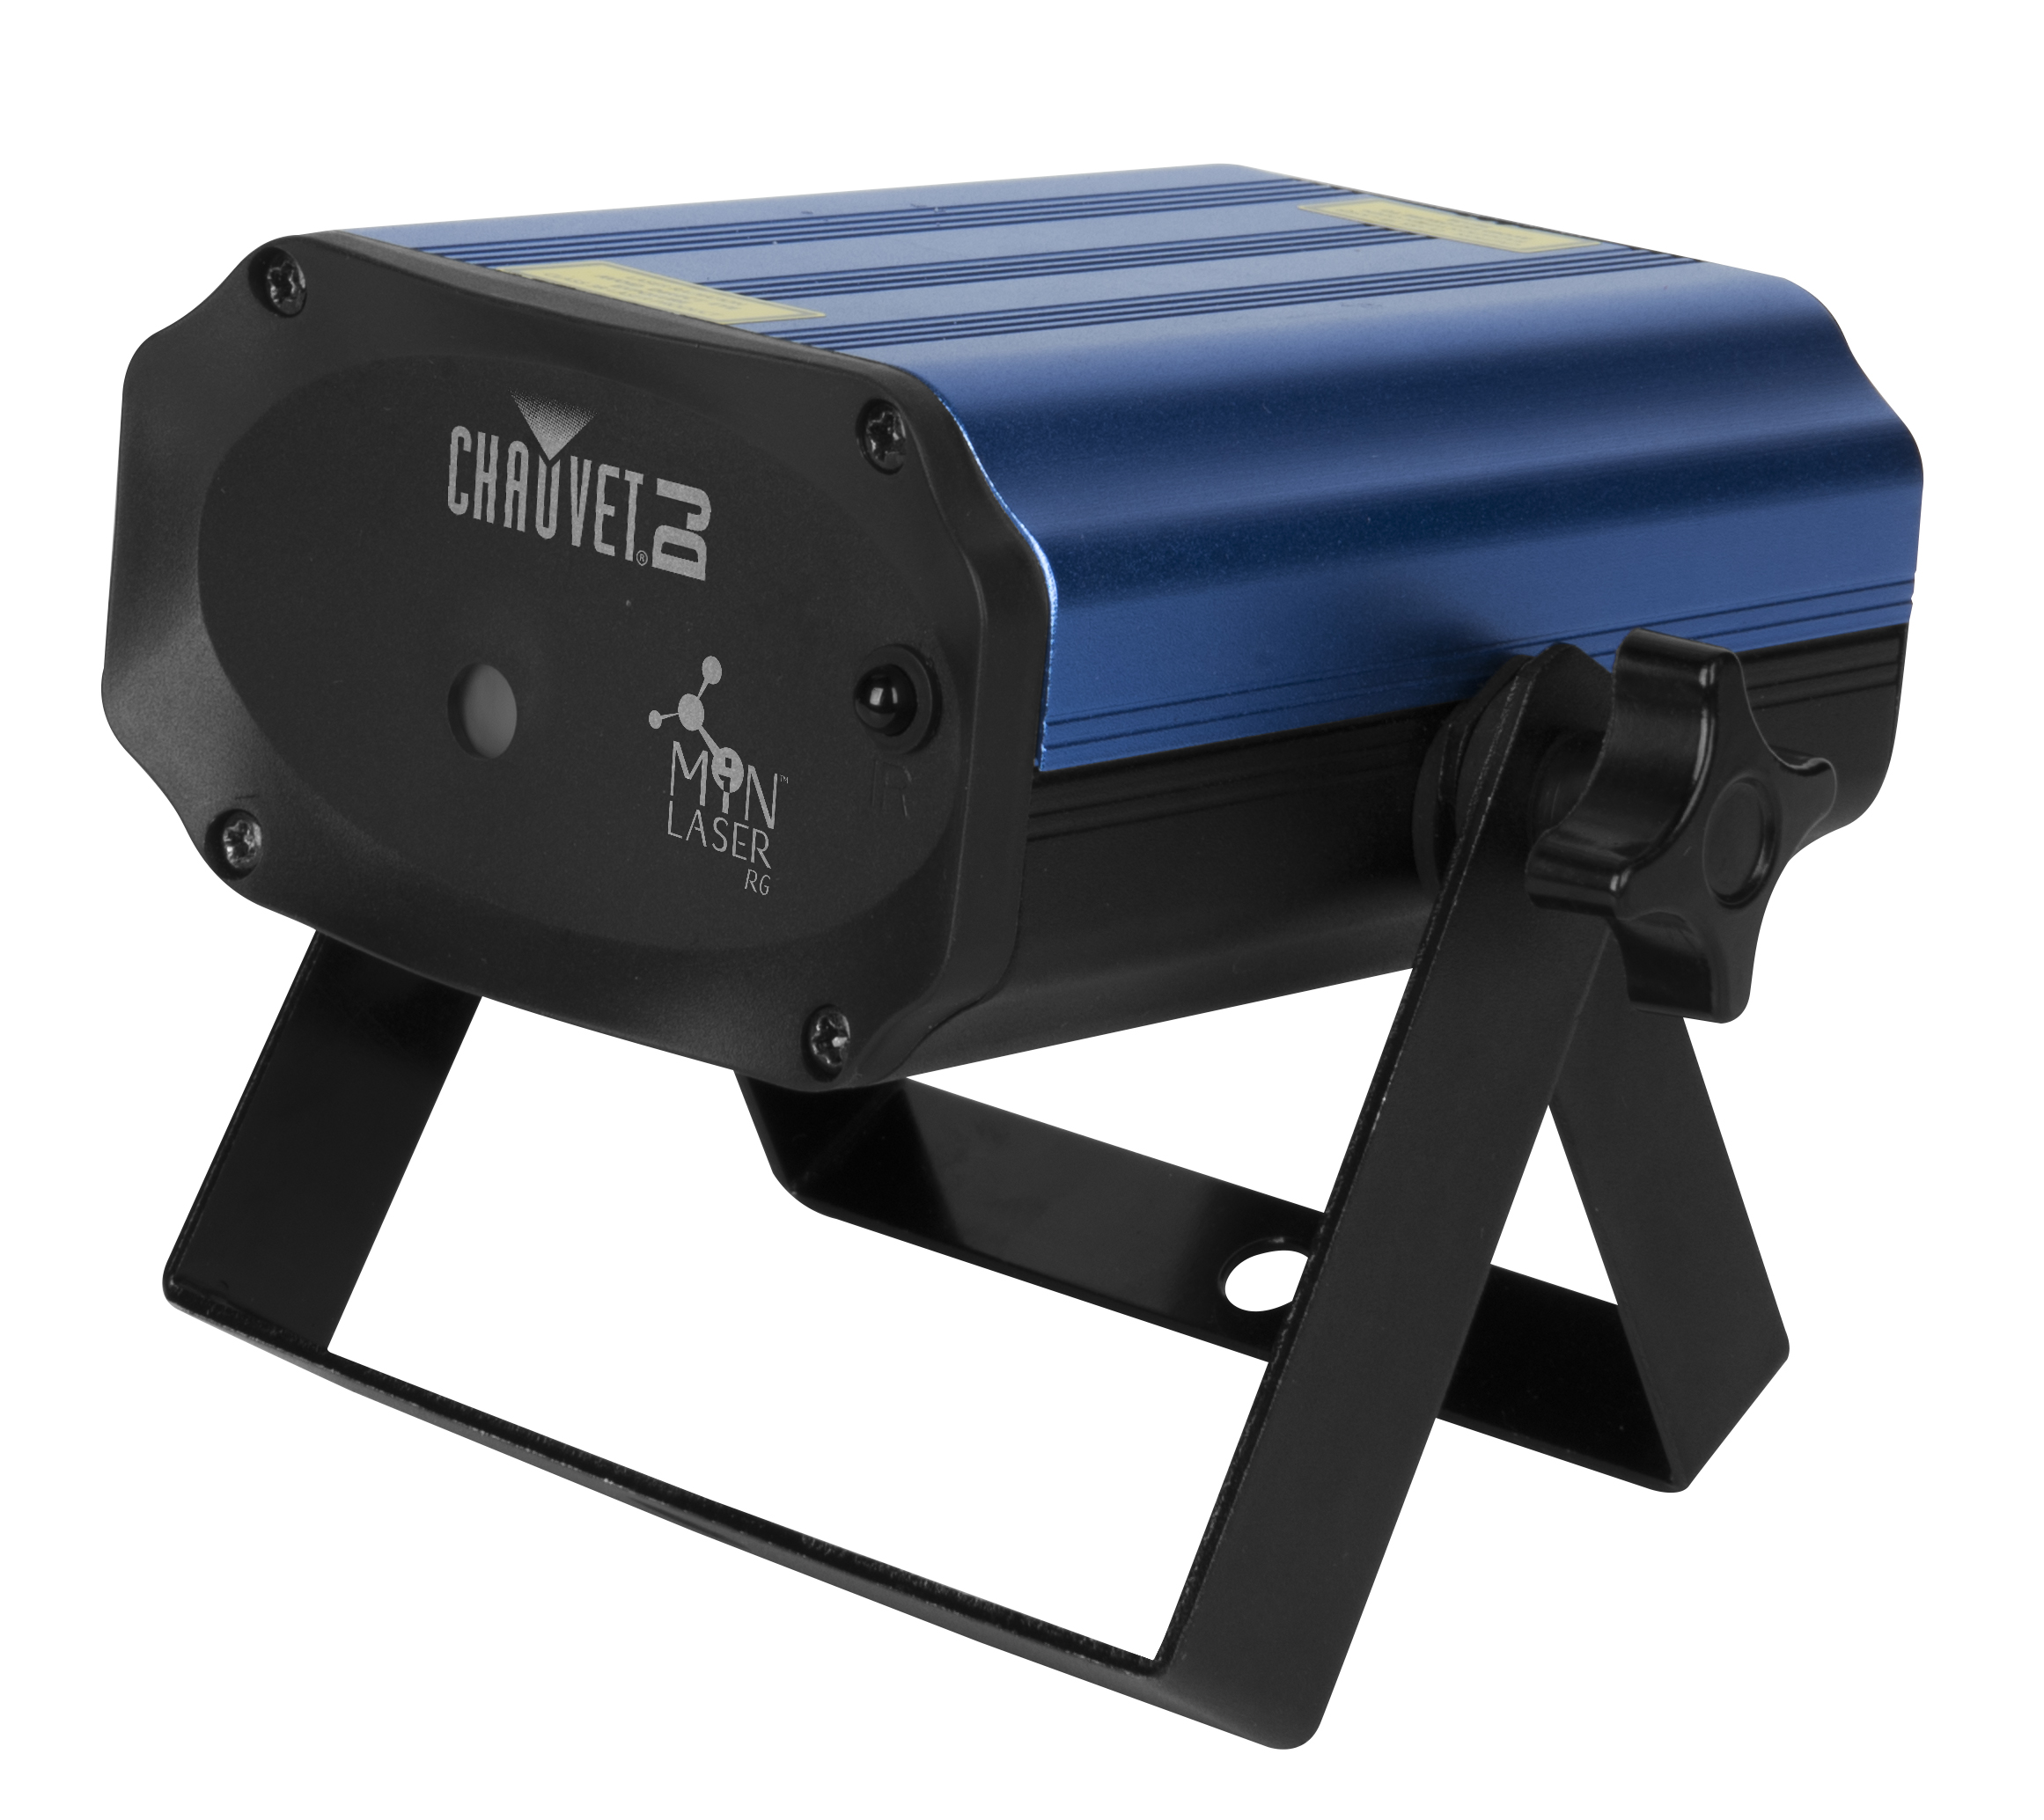 Compact: Chauvet's MiN Laser RG.